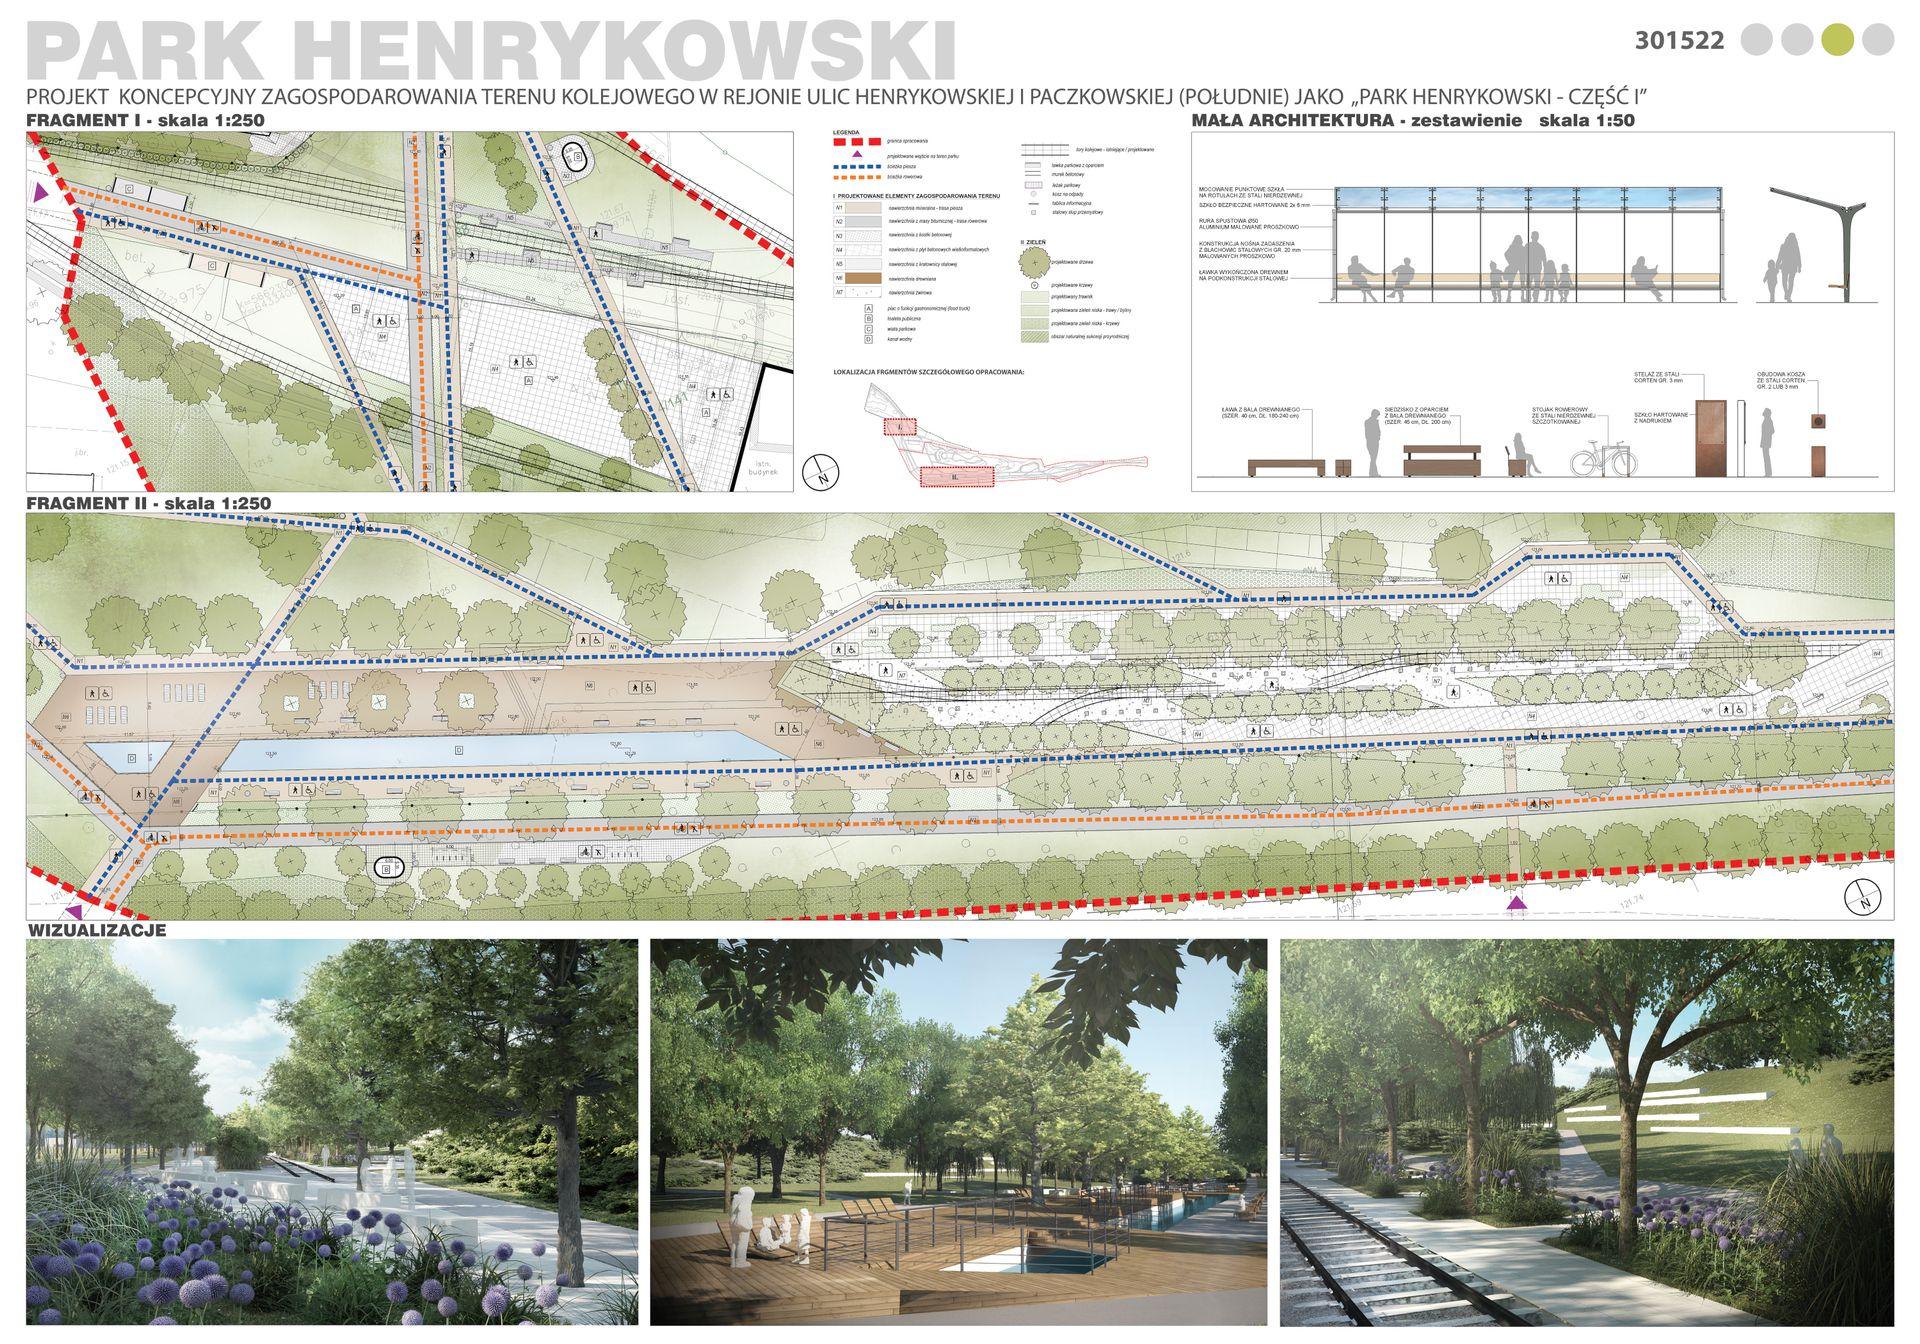 Rozstrzygnięto konkurs na projekt parku Henrykowskiego